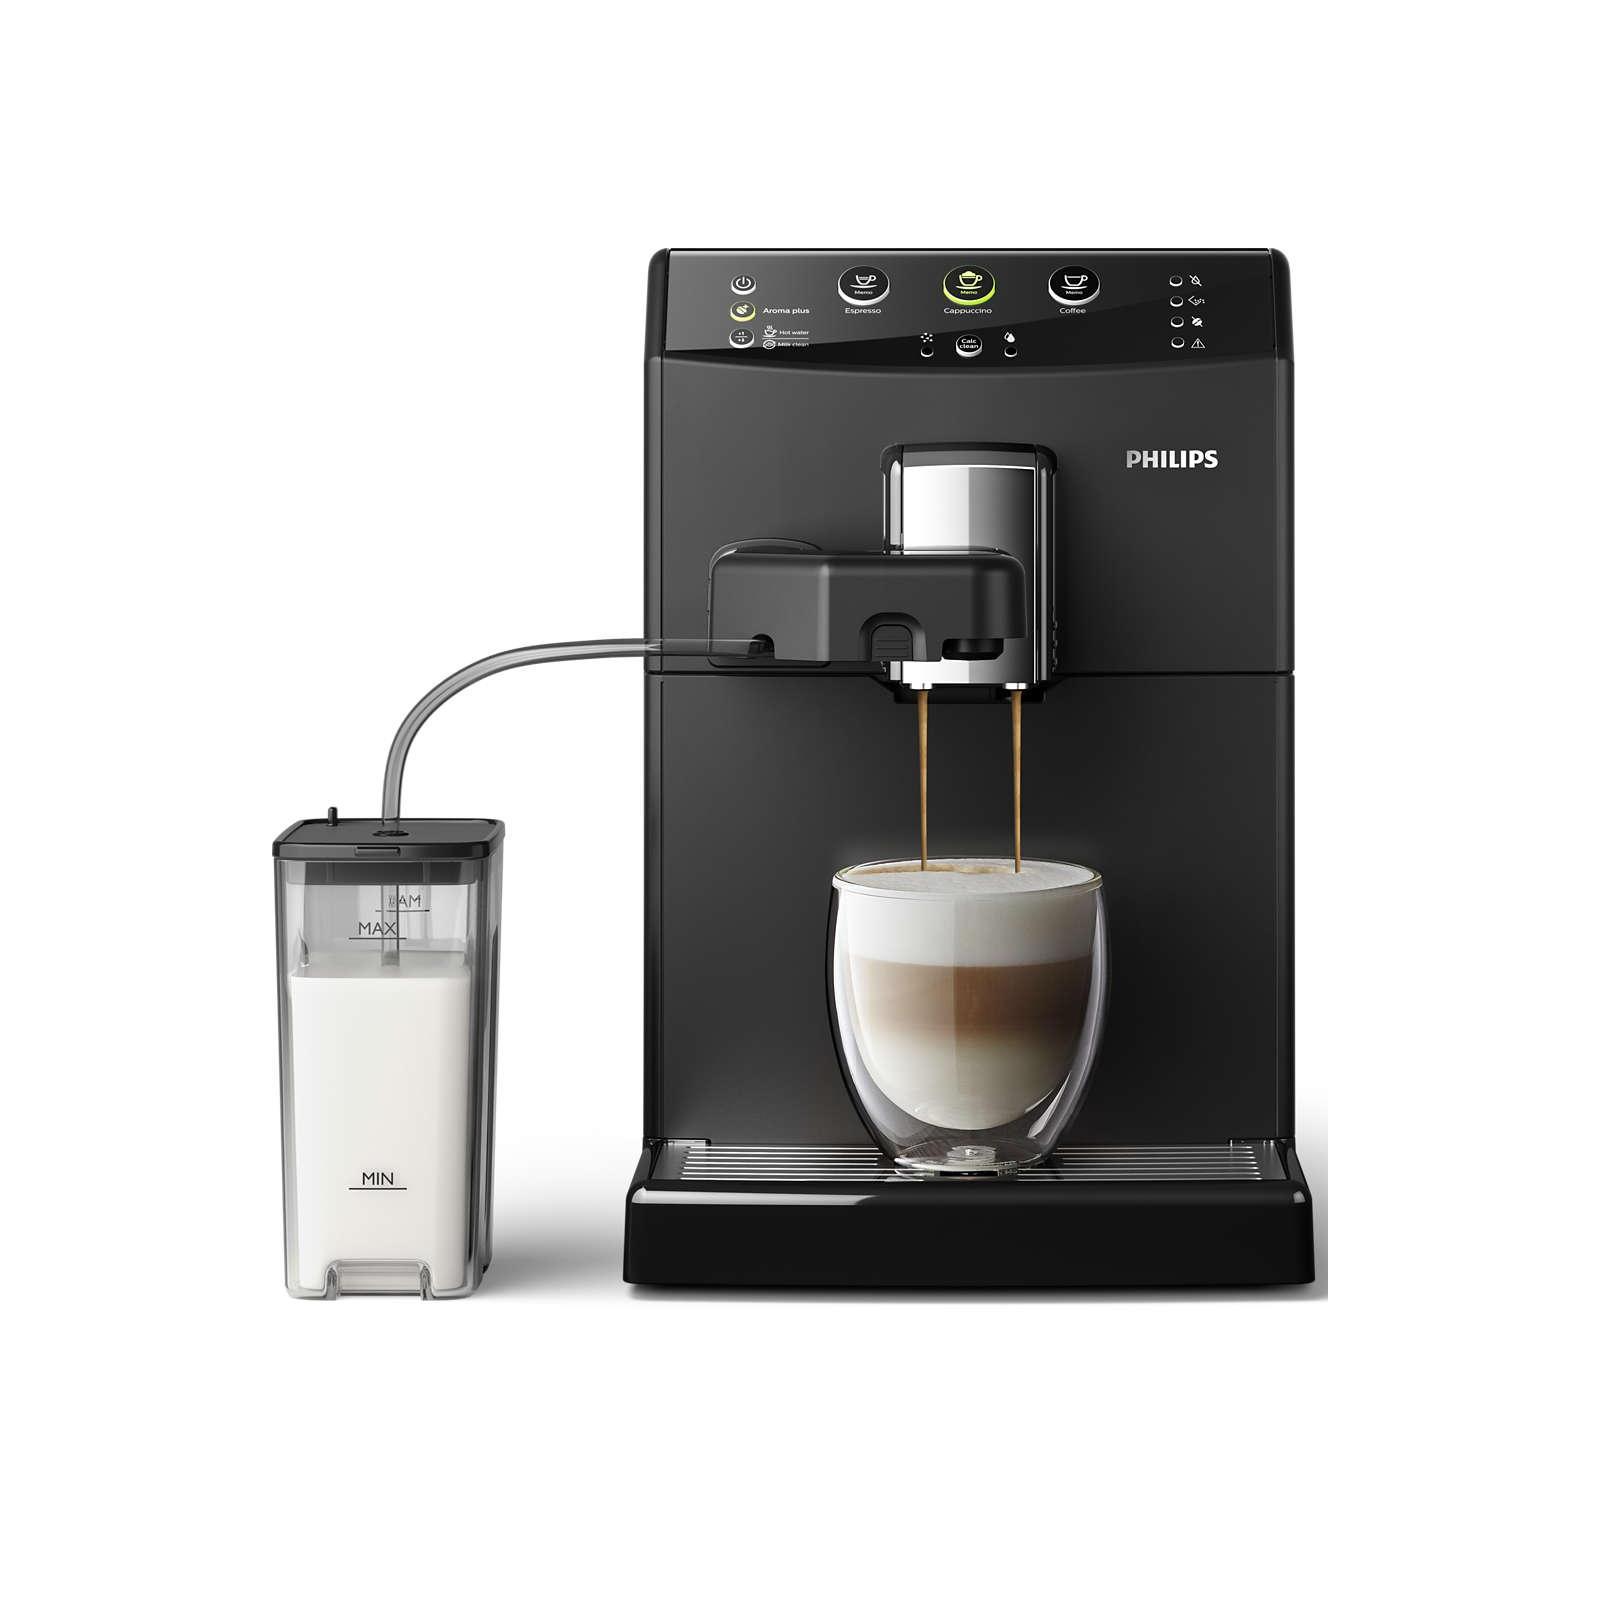 Кофеварка PHILIPS HD8829/09 изображение 2